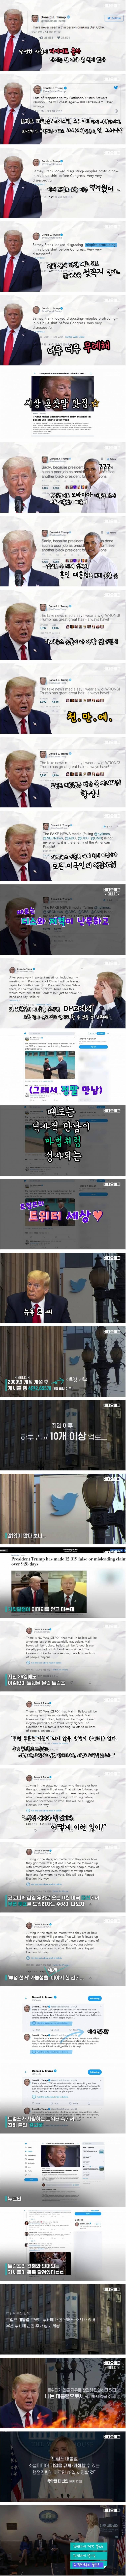 트위터에 빡친 트럼프